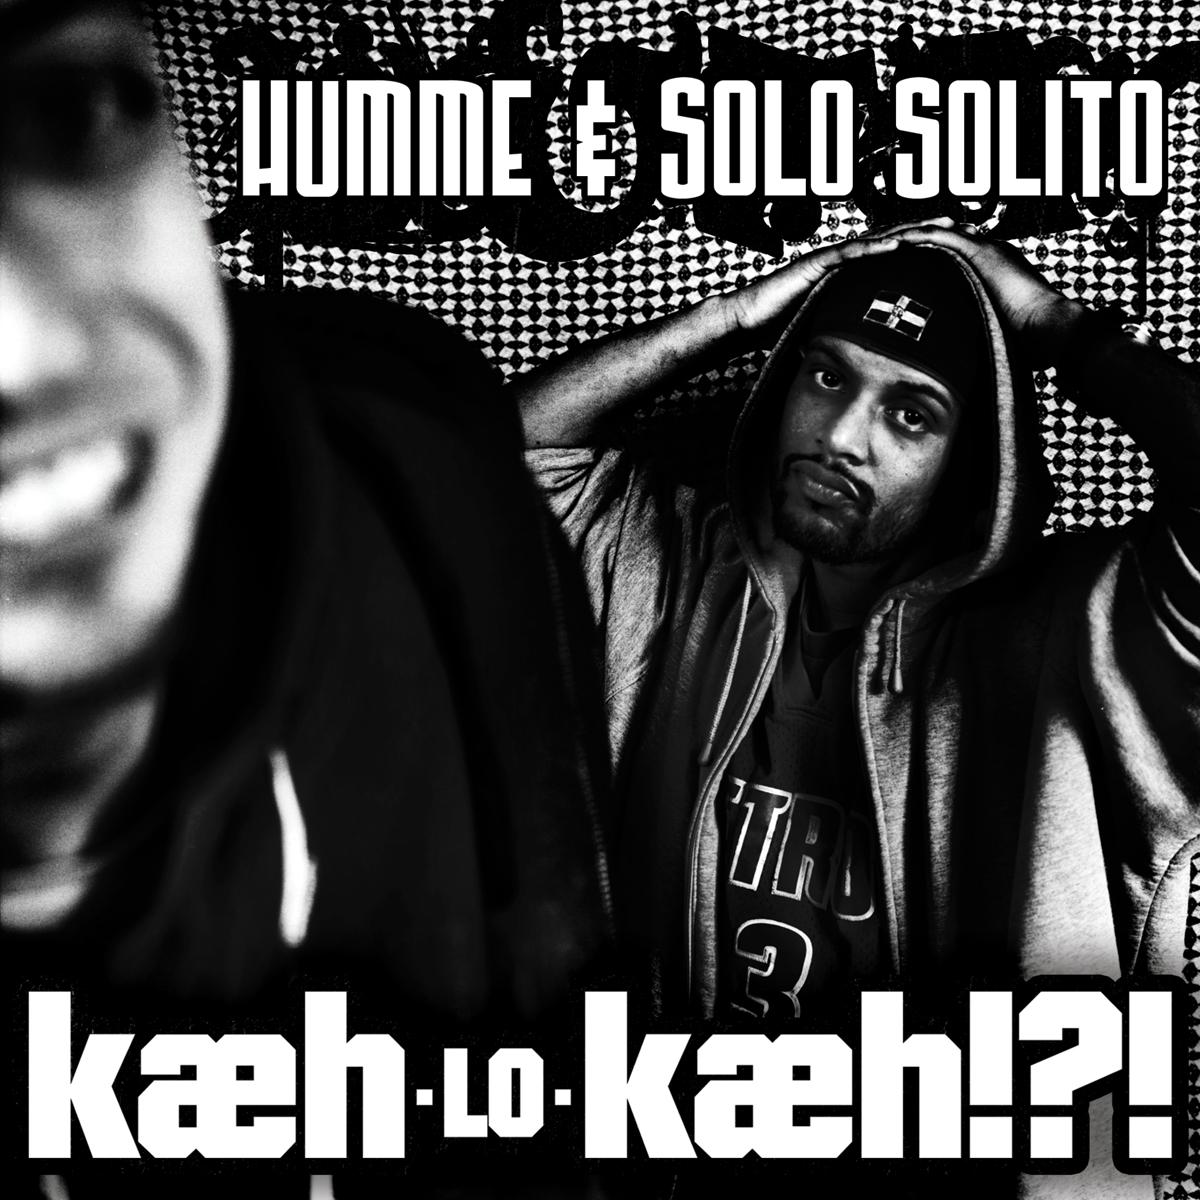 HUMME & SOLO SOLITO // KÆH-LO-KÆH!?! (front)